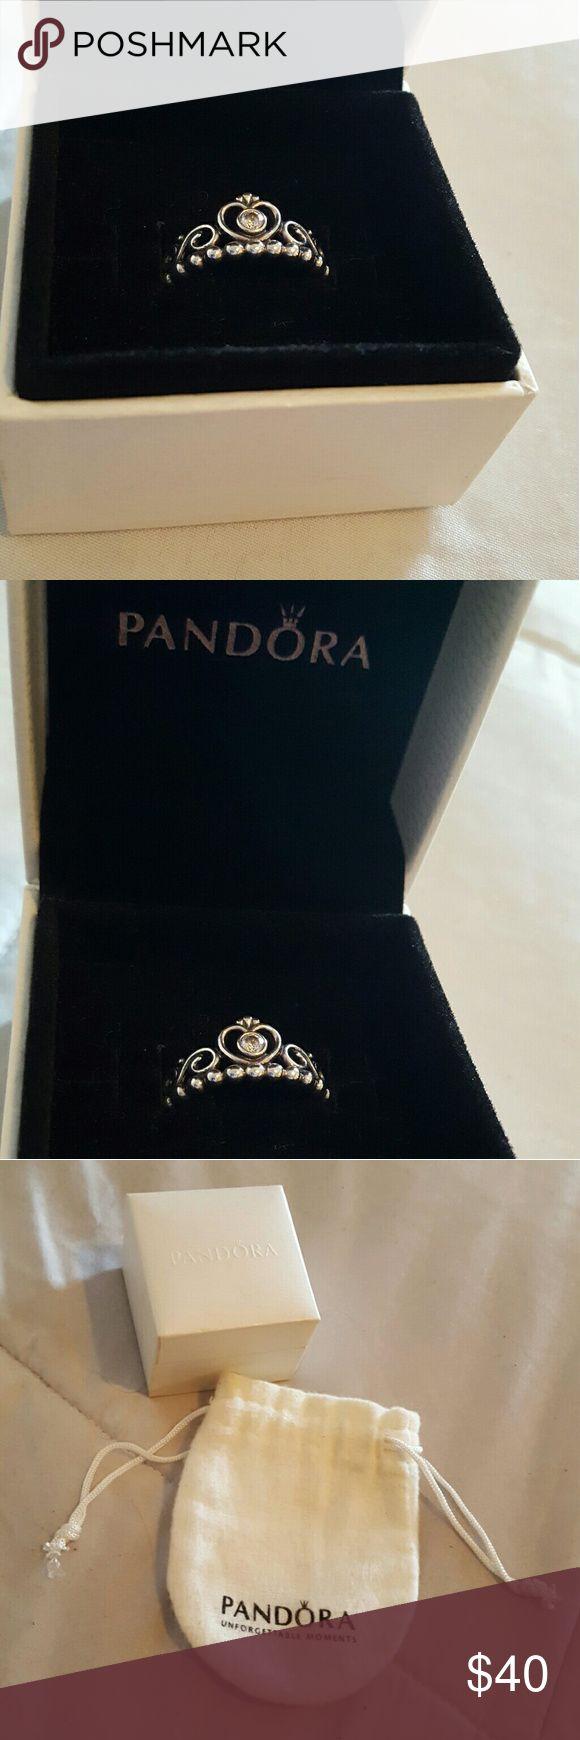 Pandora My Princess Tiara ring Sterling silver Pandora My Princess tiara ring with CZ, size 7. Excellent condition. Pandora Jewelry Rings